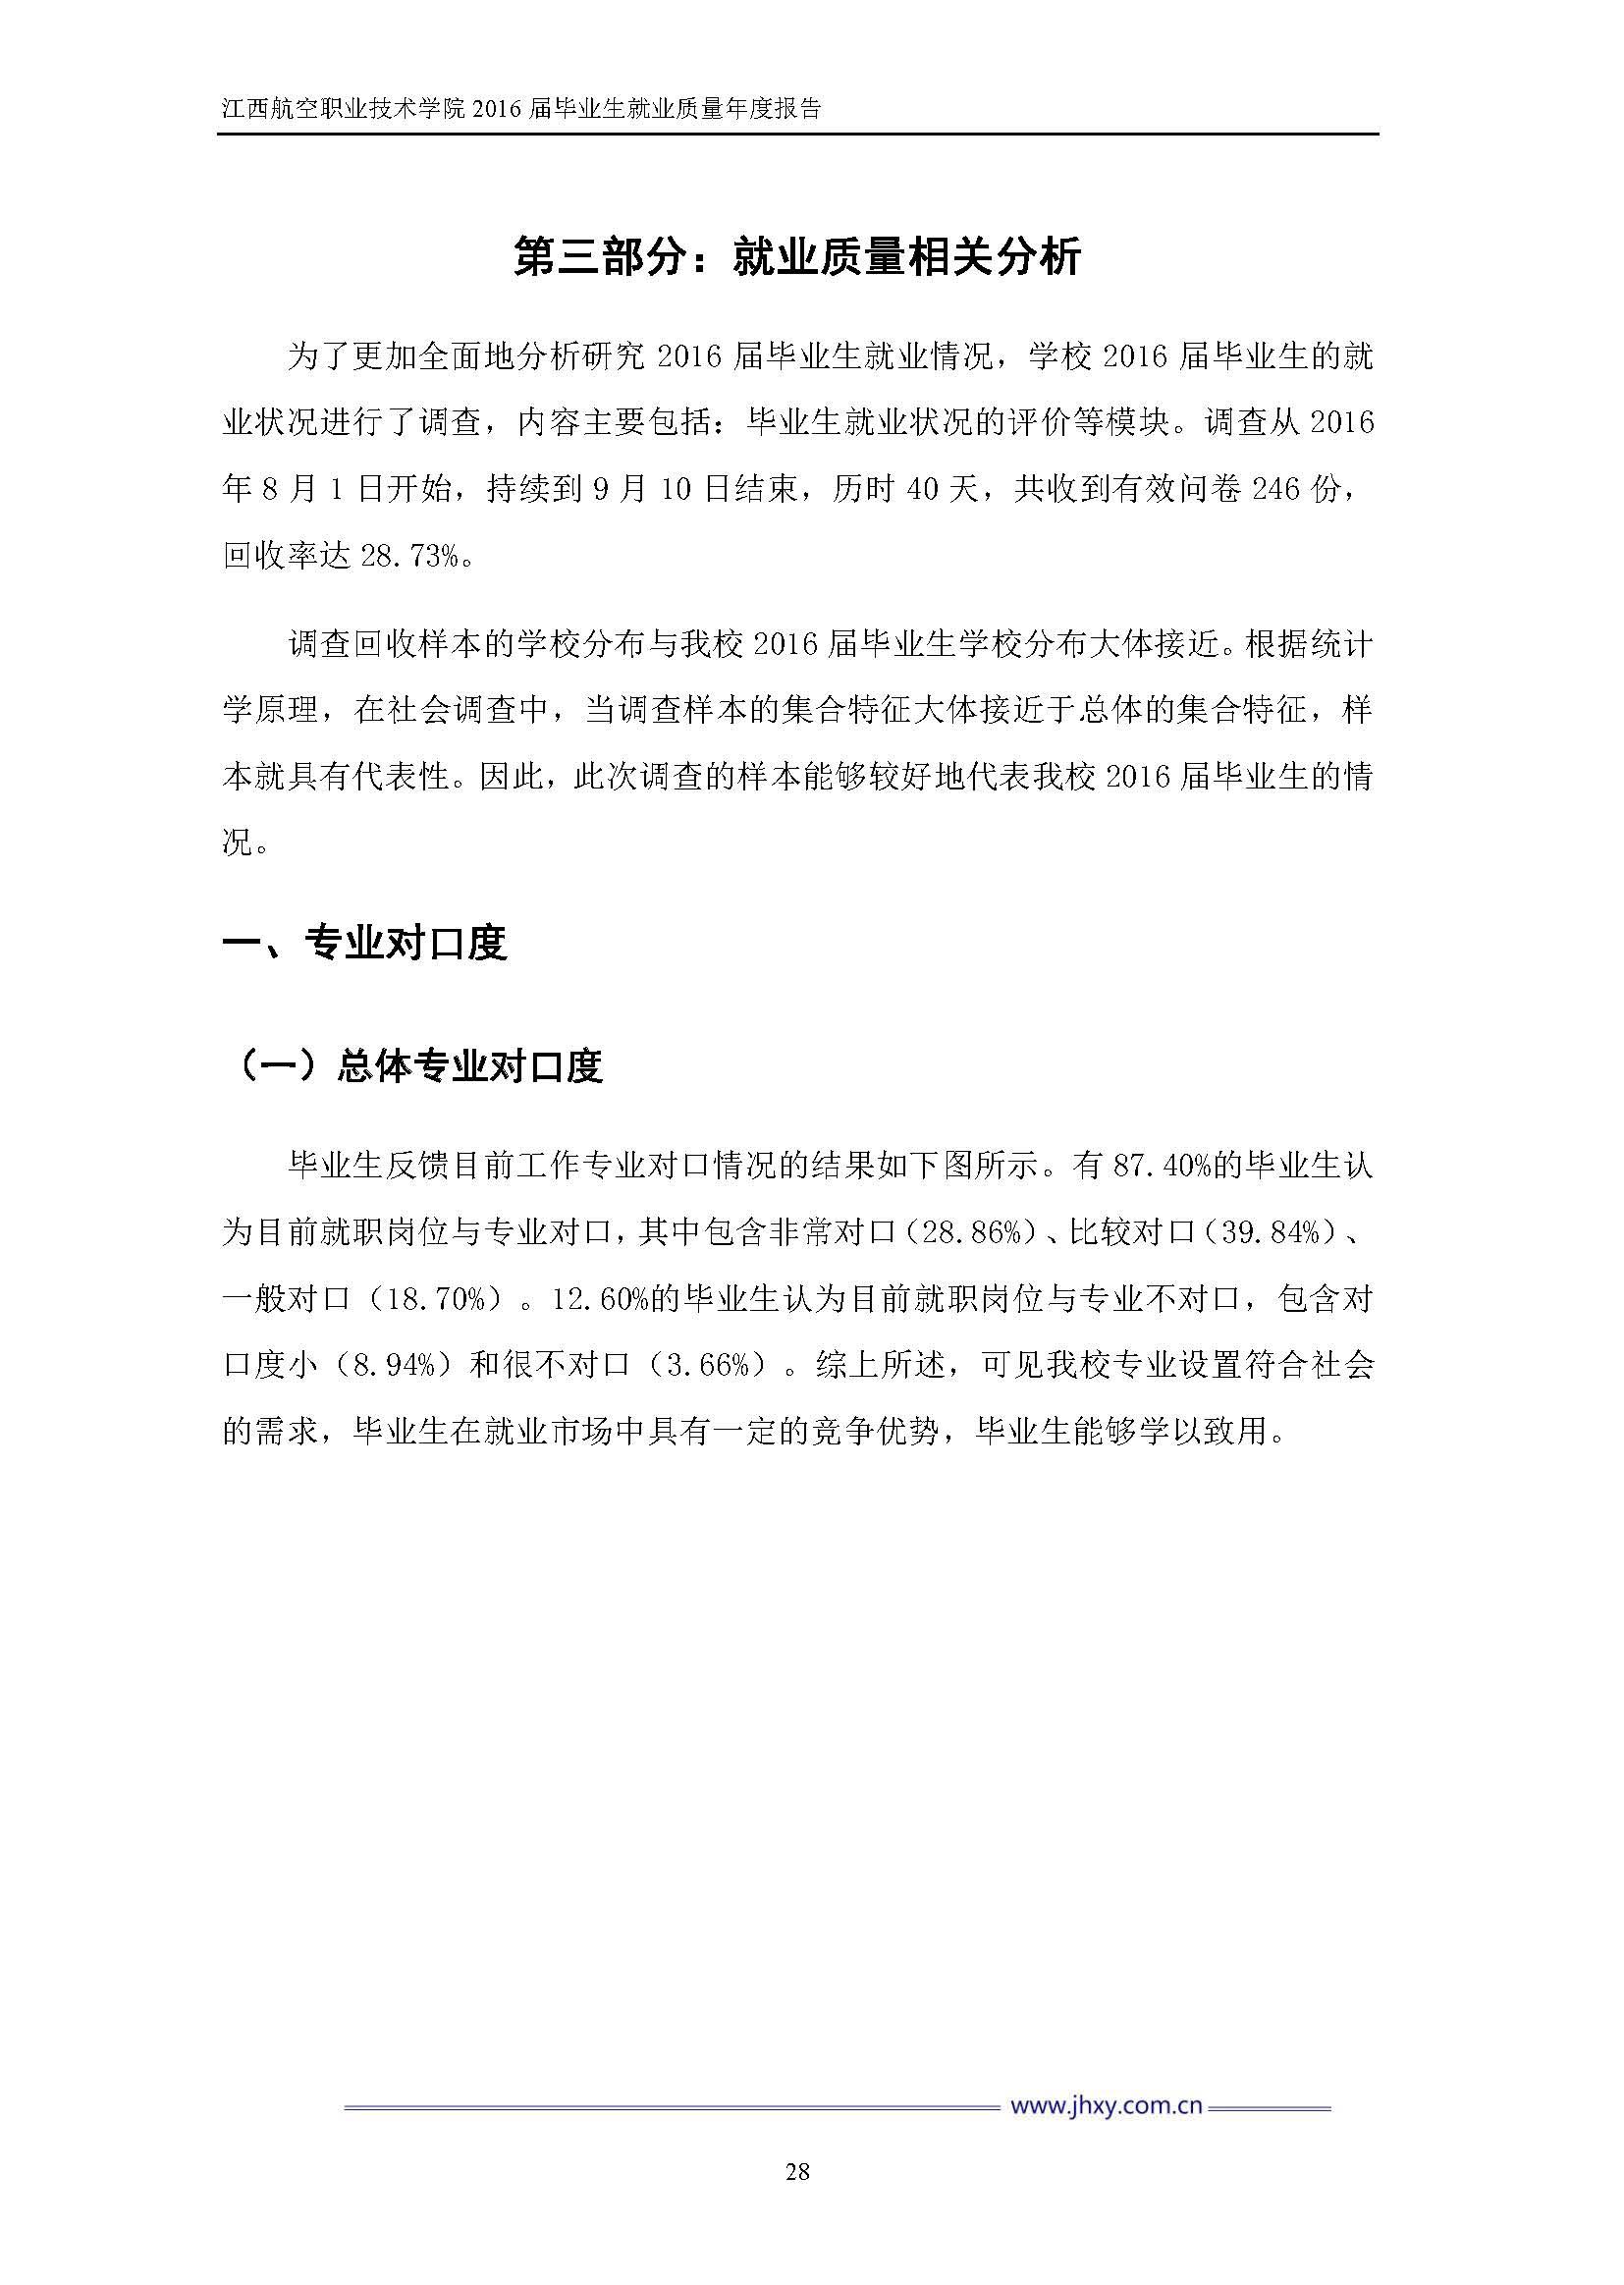 江西航空职业技术学院2016届毕业生就业质量年度报告_Page_35.jpg